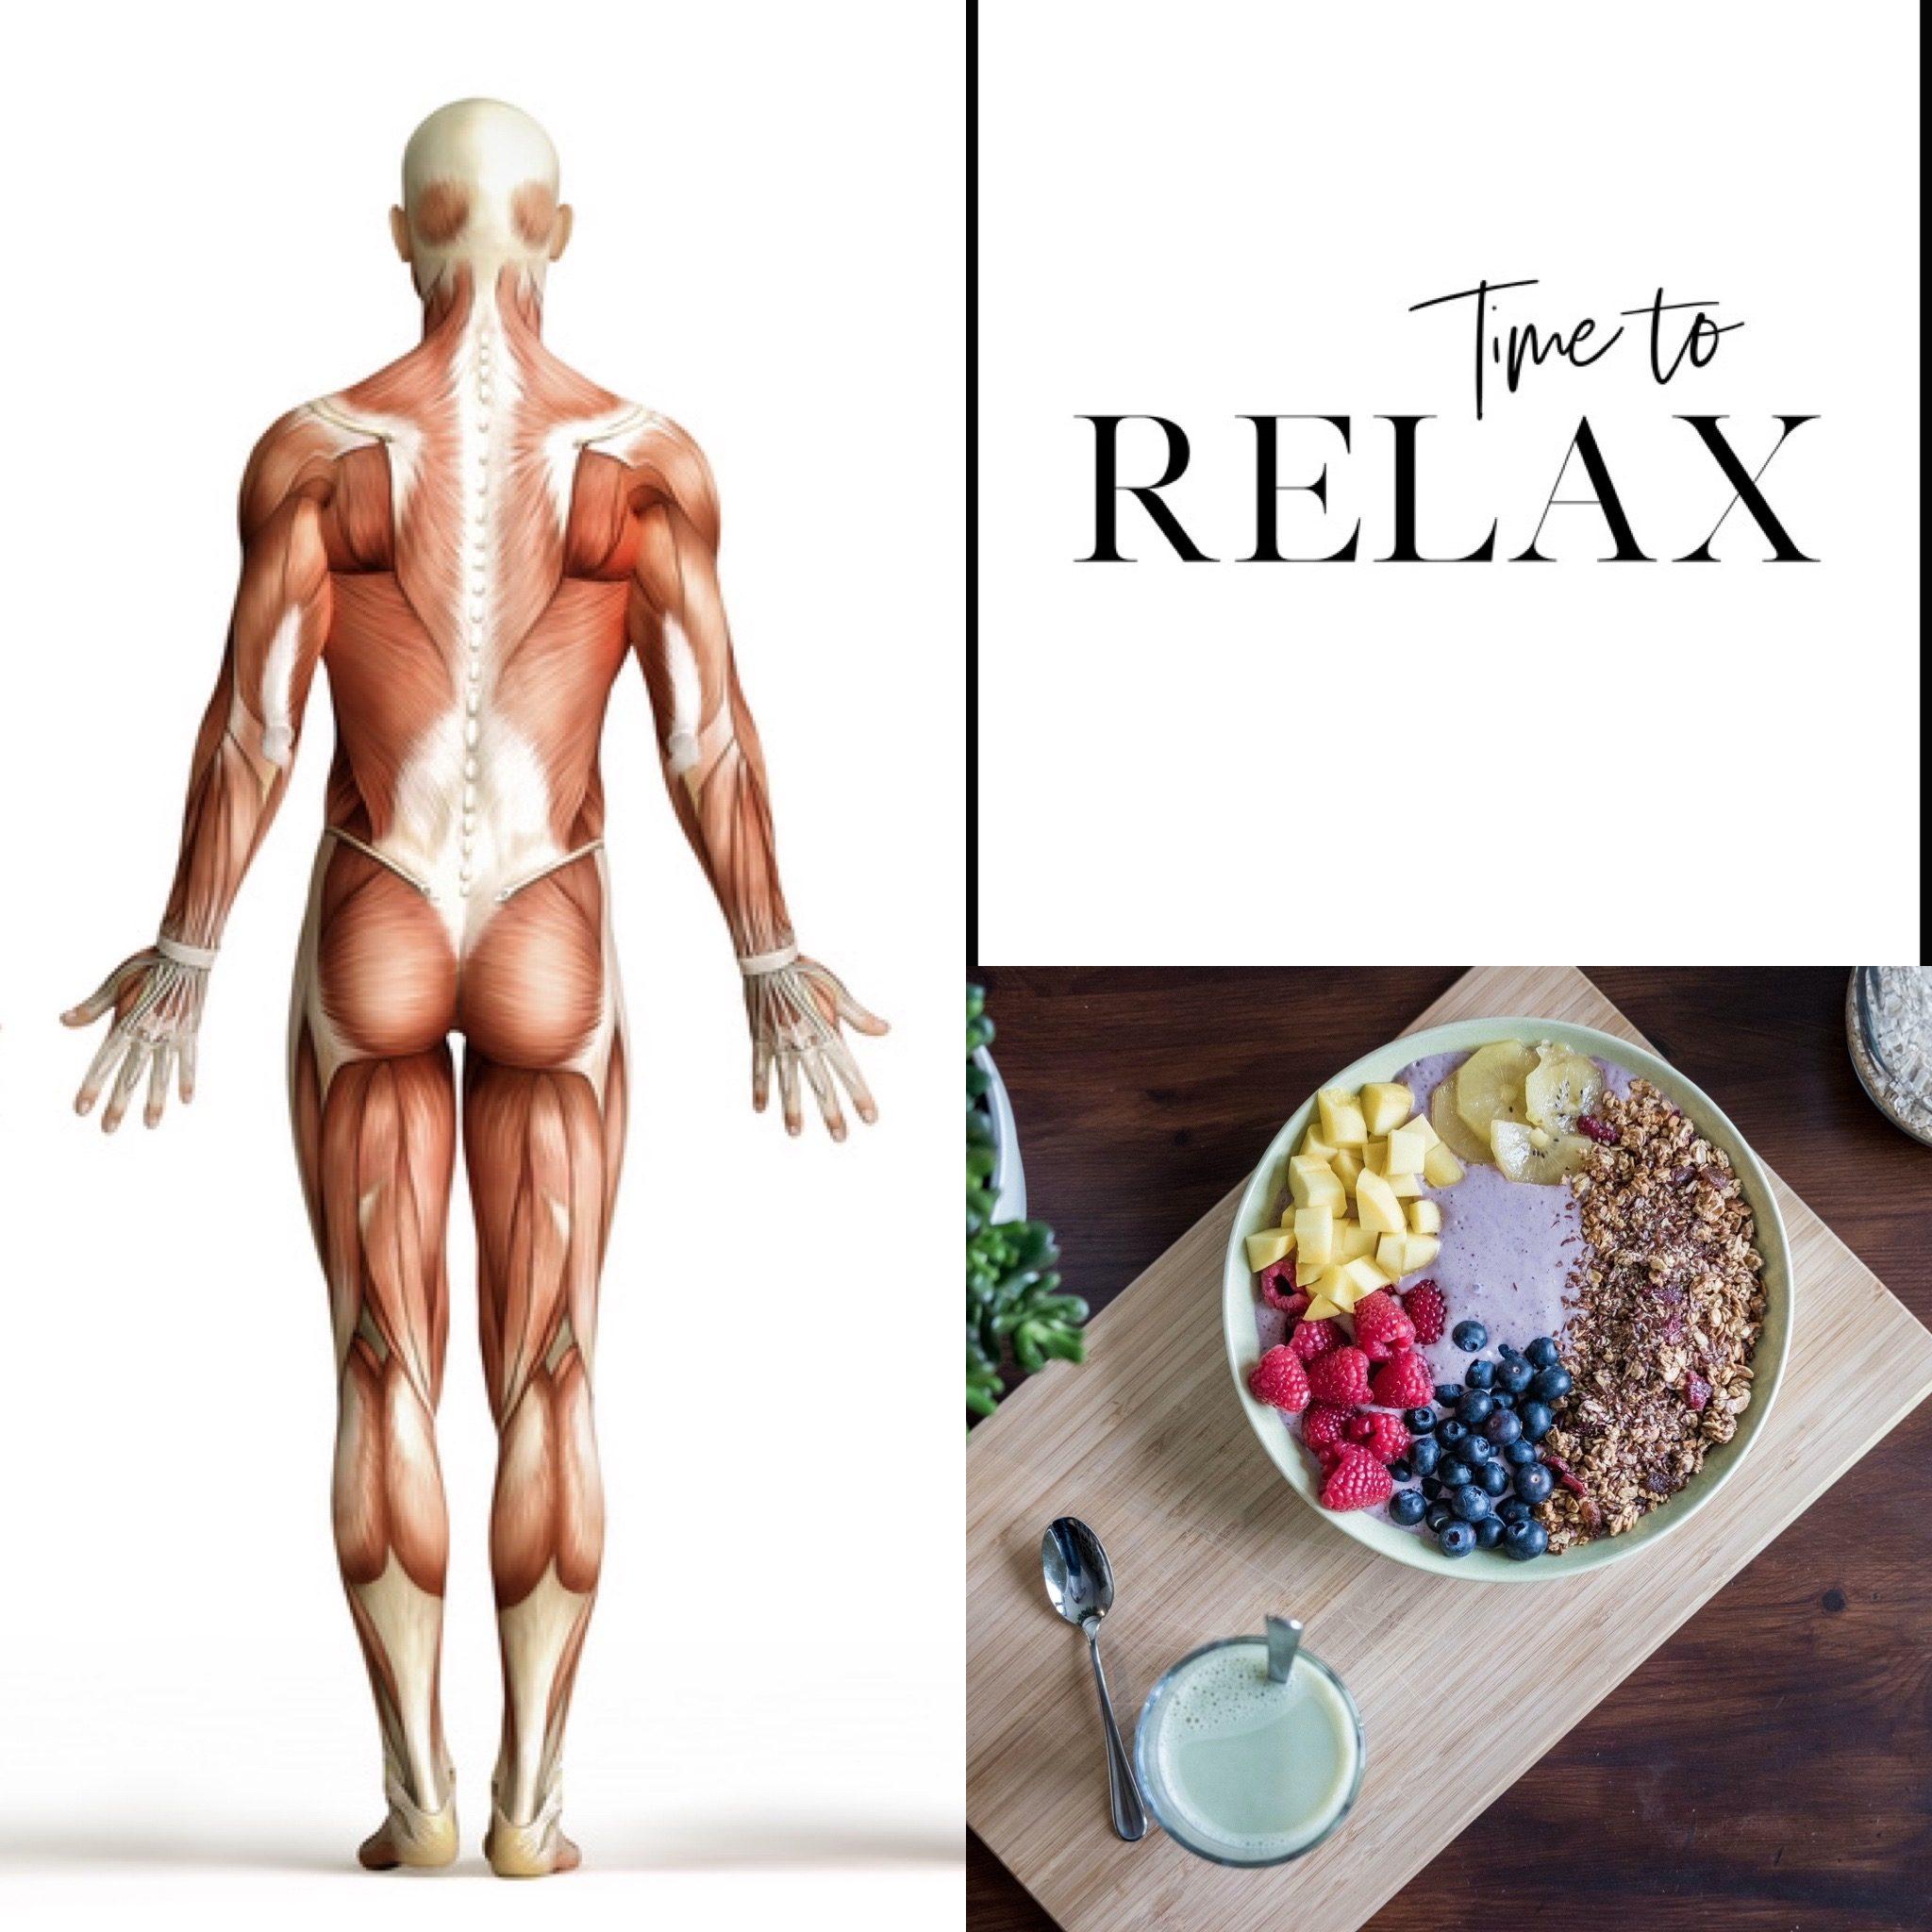 So wachsen deine Muskeln! – Alle guten Dinge sind 3